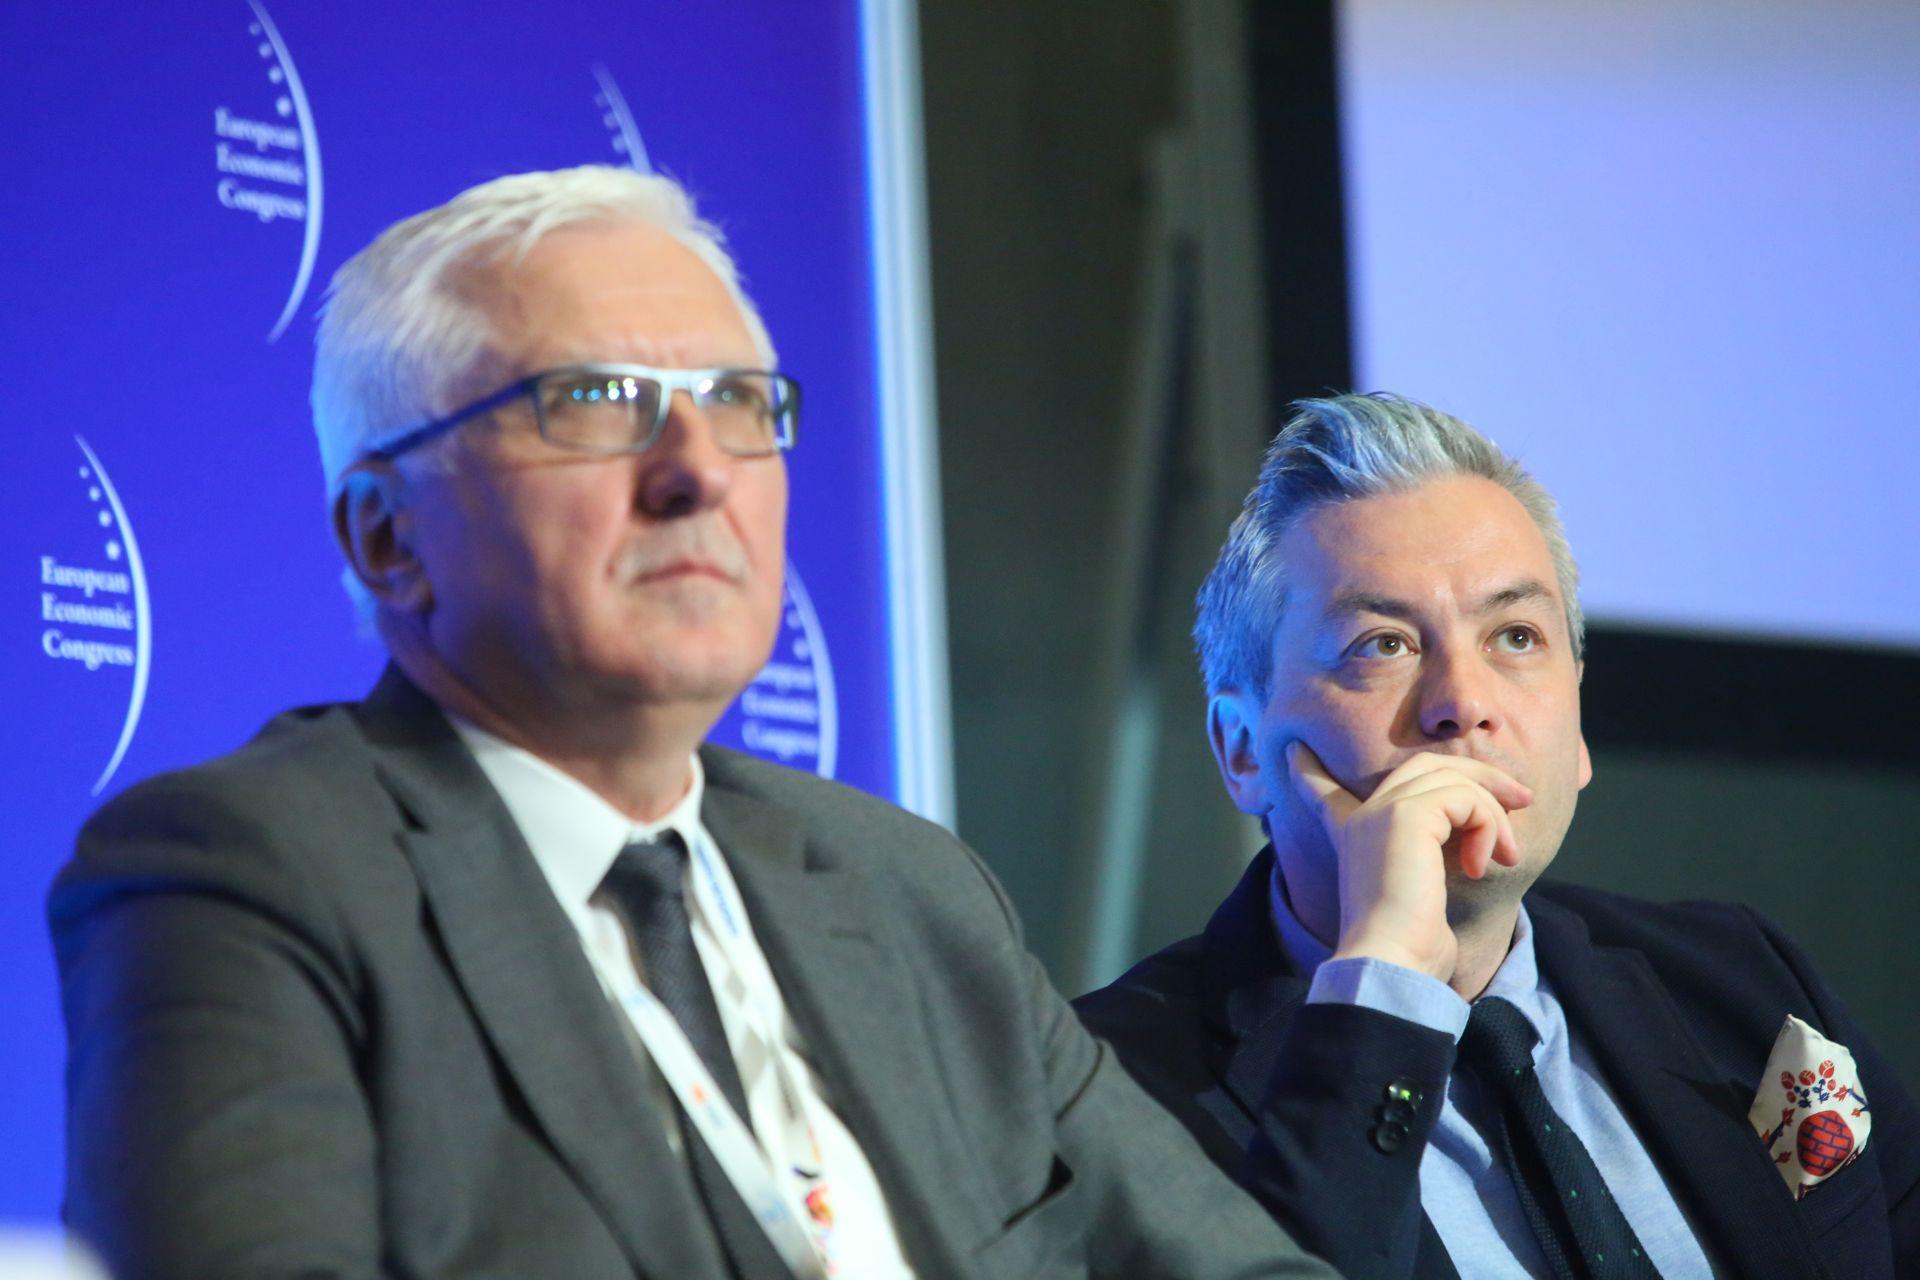 Wadim Tyszkiewicz, prezydent Nowej Soli i Robert Biedroń, prezydent Słupska.Fot. PTWP